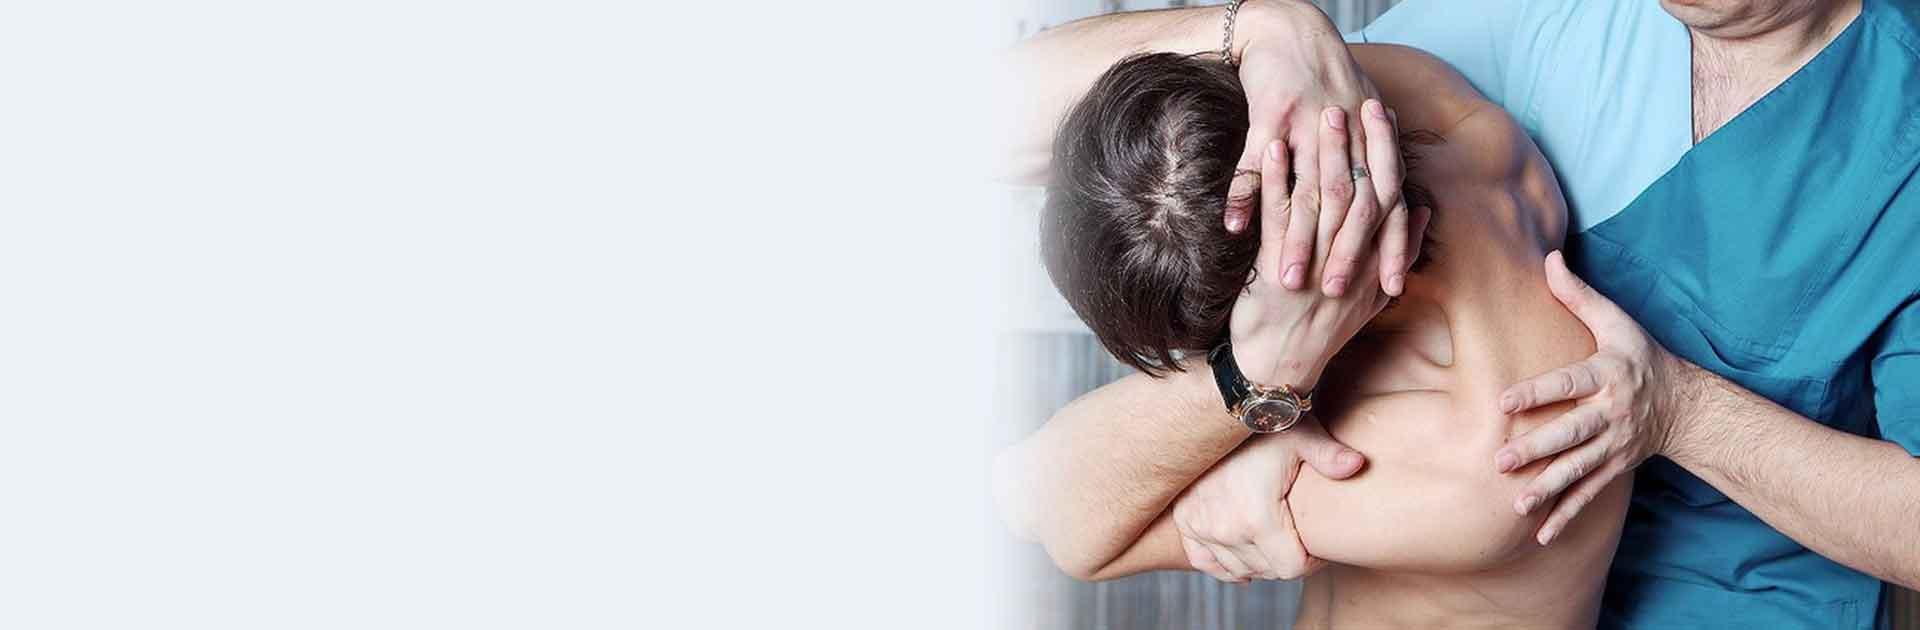 φυσικοθεραπεια αθηνα σακελλαριου κωνταντινοσ manualphysiotherapy φυσικοθεραπεια ζωγραφου